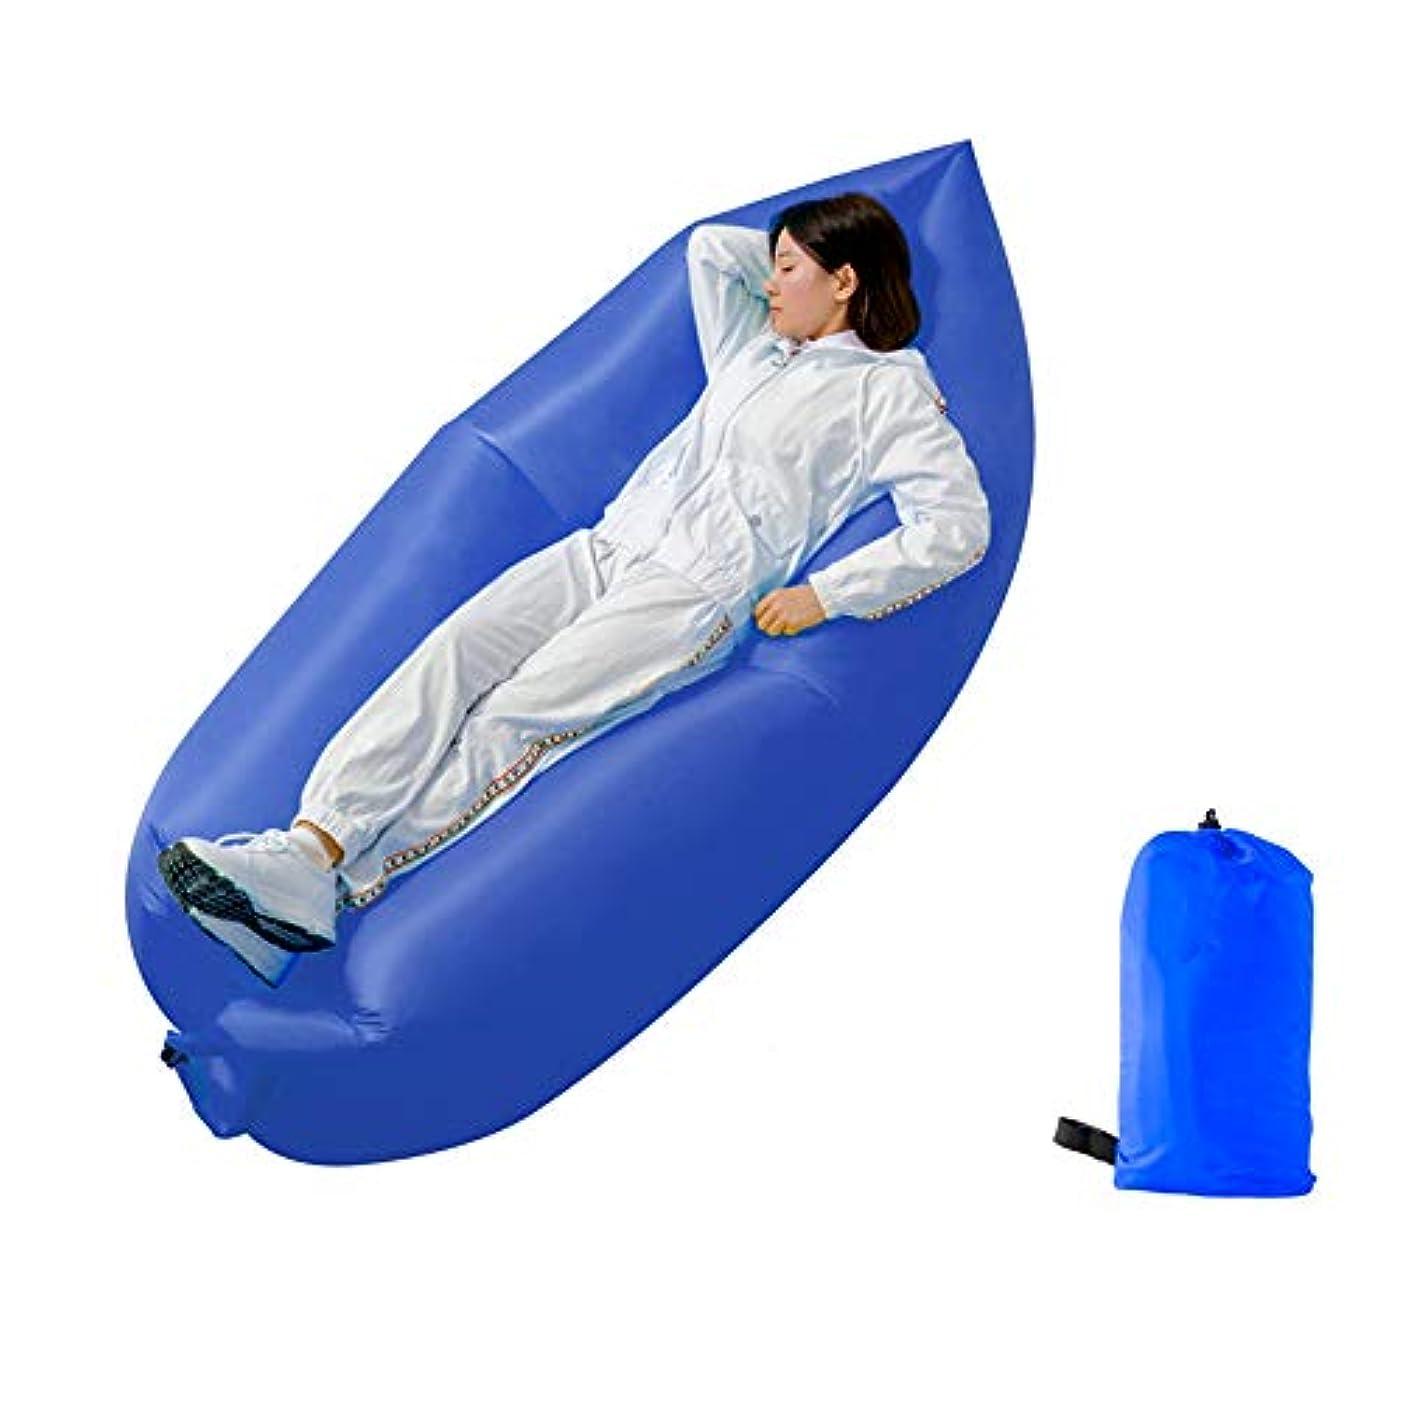 オーバーラン水っぽいデッドロック膨脹可能なリクライニングチェア、空気漏出に対する携帯用エアバッグのソファー屋内袋のキャンプの芝生ビーチを運んで下さい,C